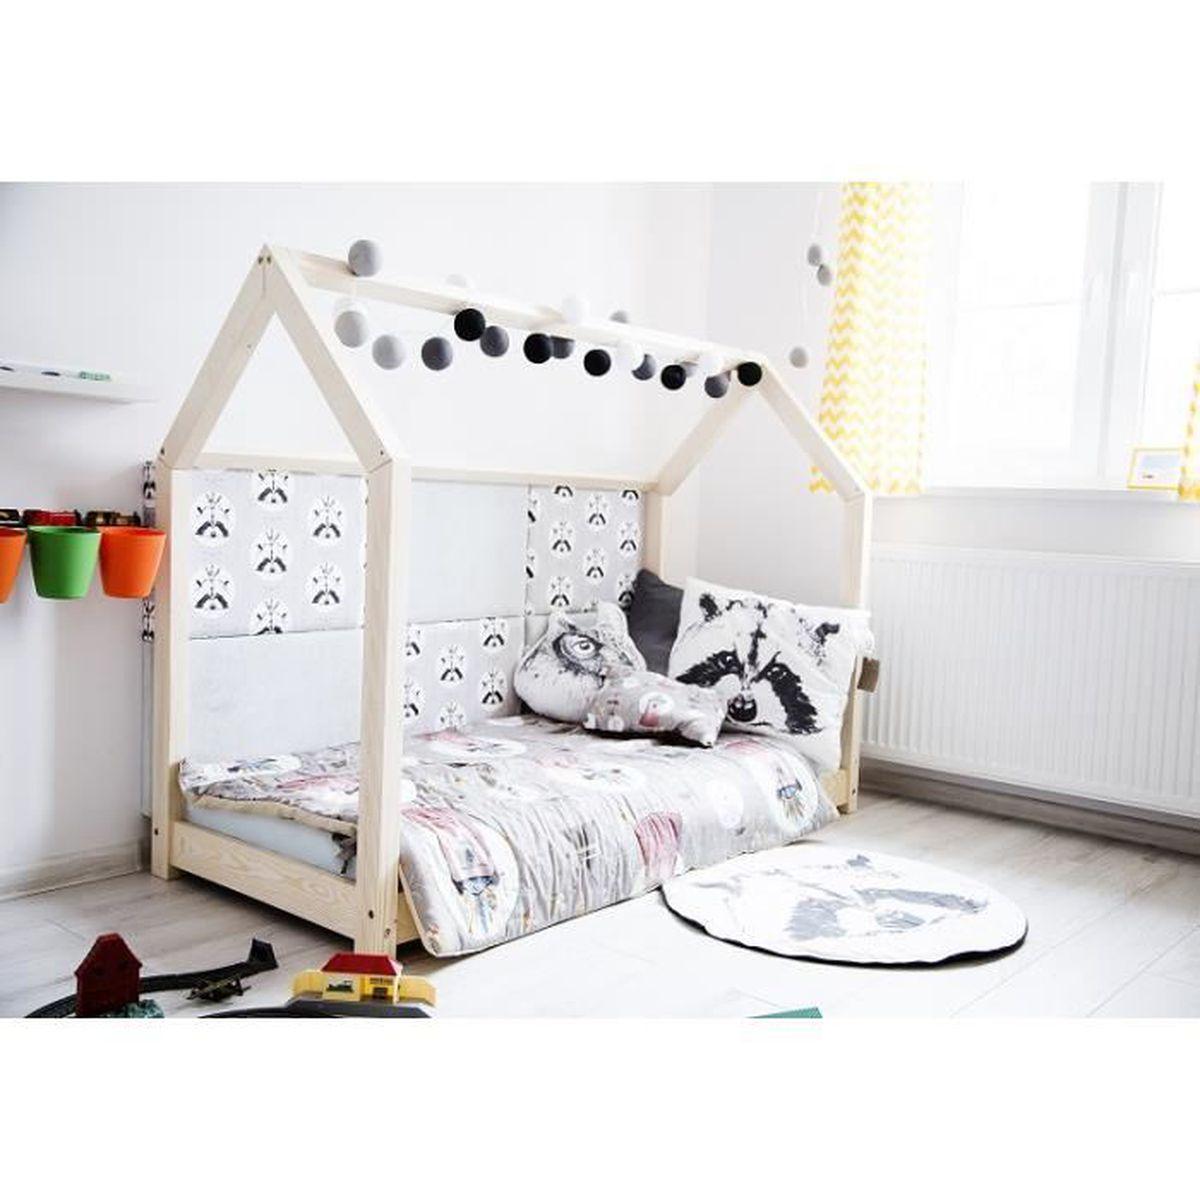 lit cabane achat vente lit cabane pas cher les soldes sur cdiscount cdiscount. Black Bedroom Furniture Sets. Home Design Ideas